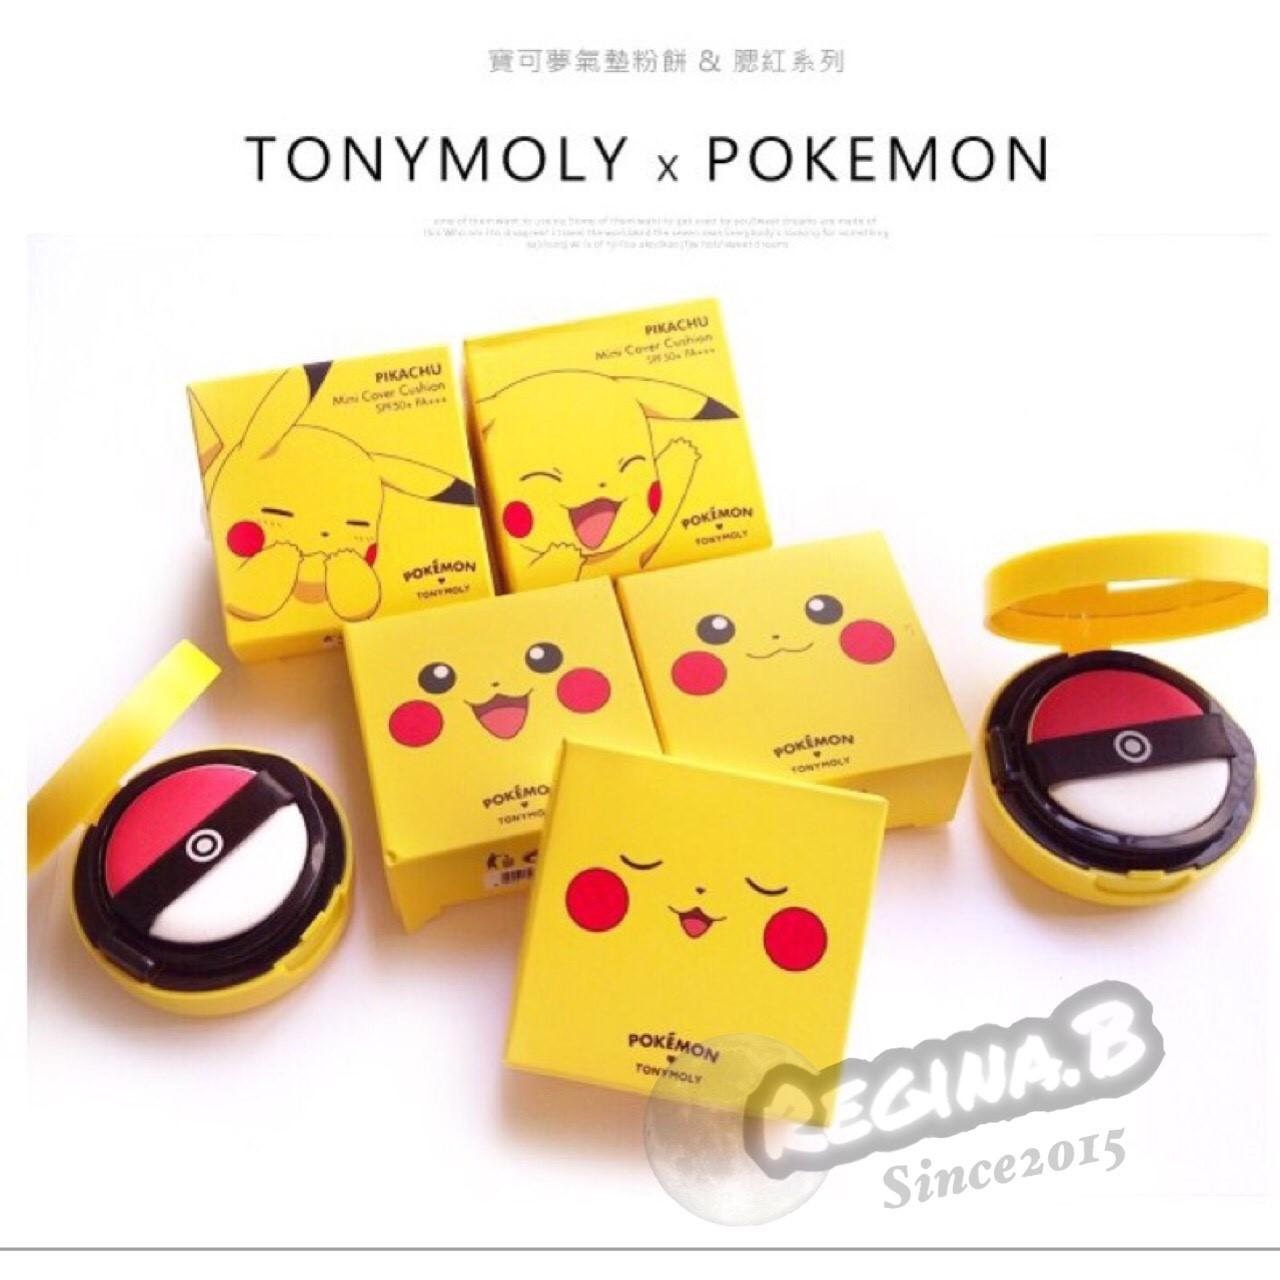 韓國直郵正品 TONYMOLYx Pokemon 皮卡丘 寶可夢 神奇寶貝 BB氣墊 雙 粉底 粉餅 粉撲 寶貝球 潤色